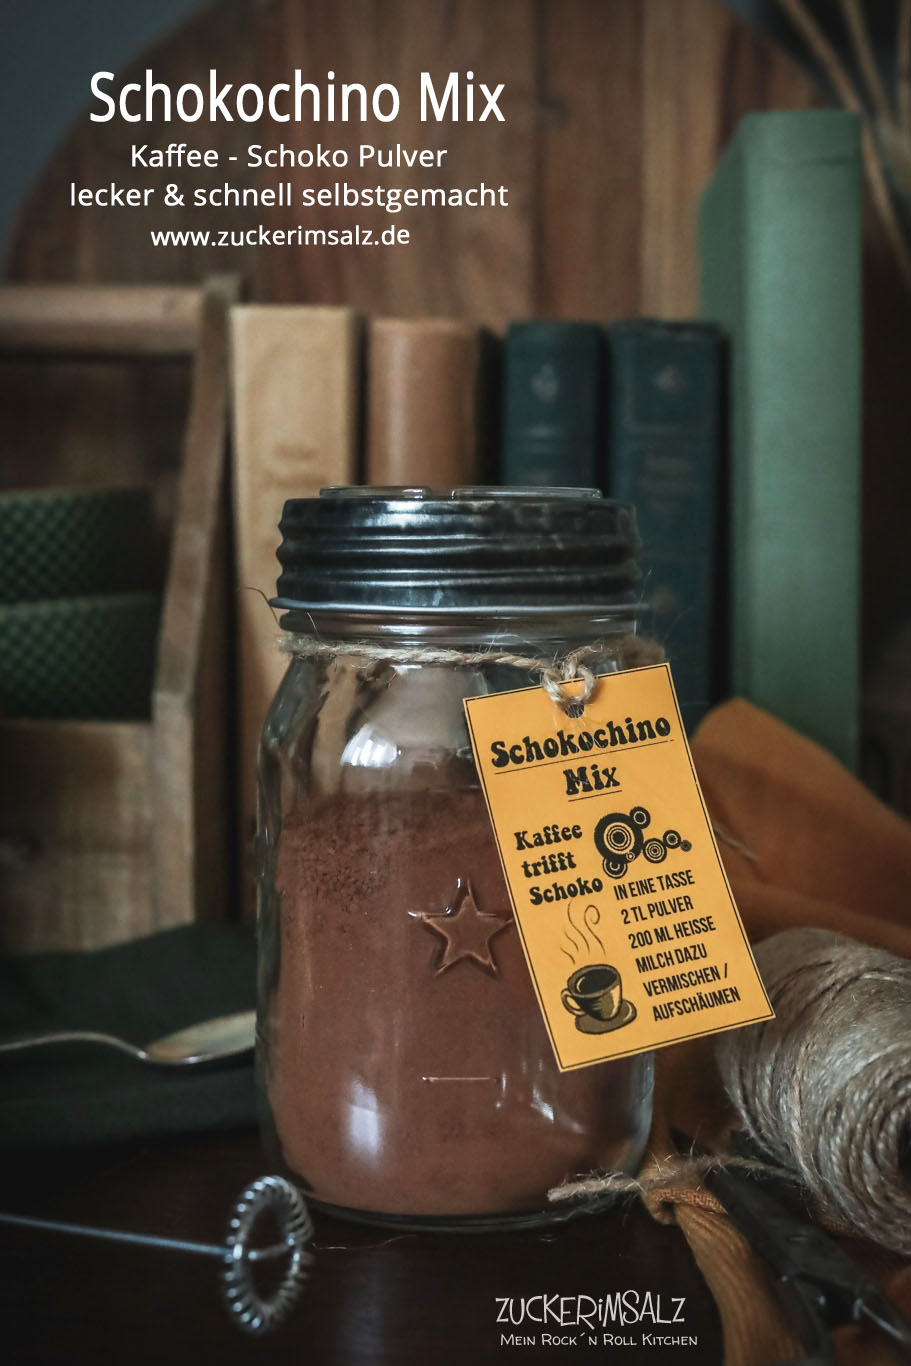 Schokochino Mix – die schnelle selbstgemachte Mischung für leckeren Kaffee mit glücklich machender Schokolade